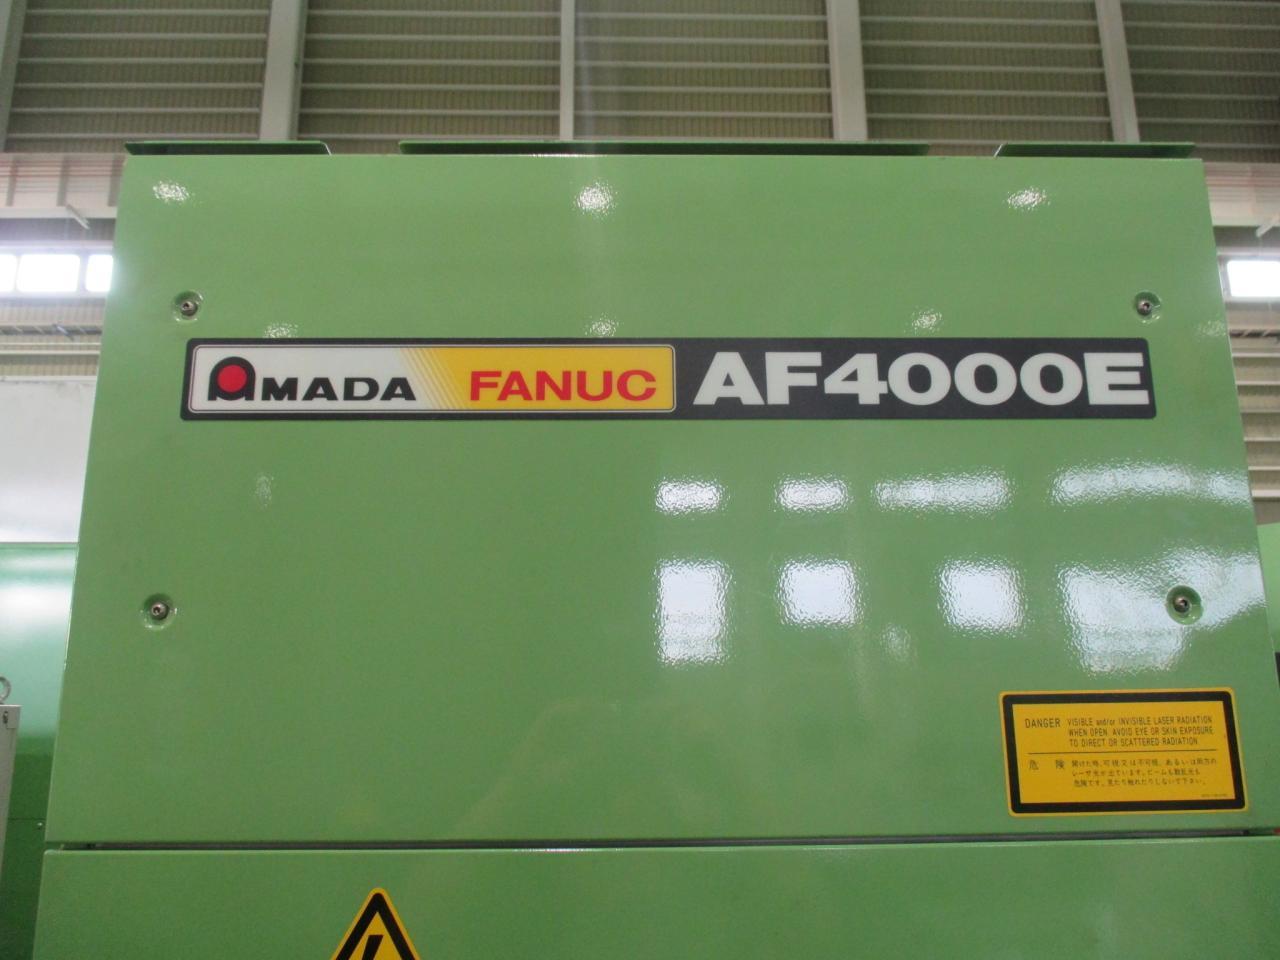 AF4000E発振器の型式・メーカー名表示